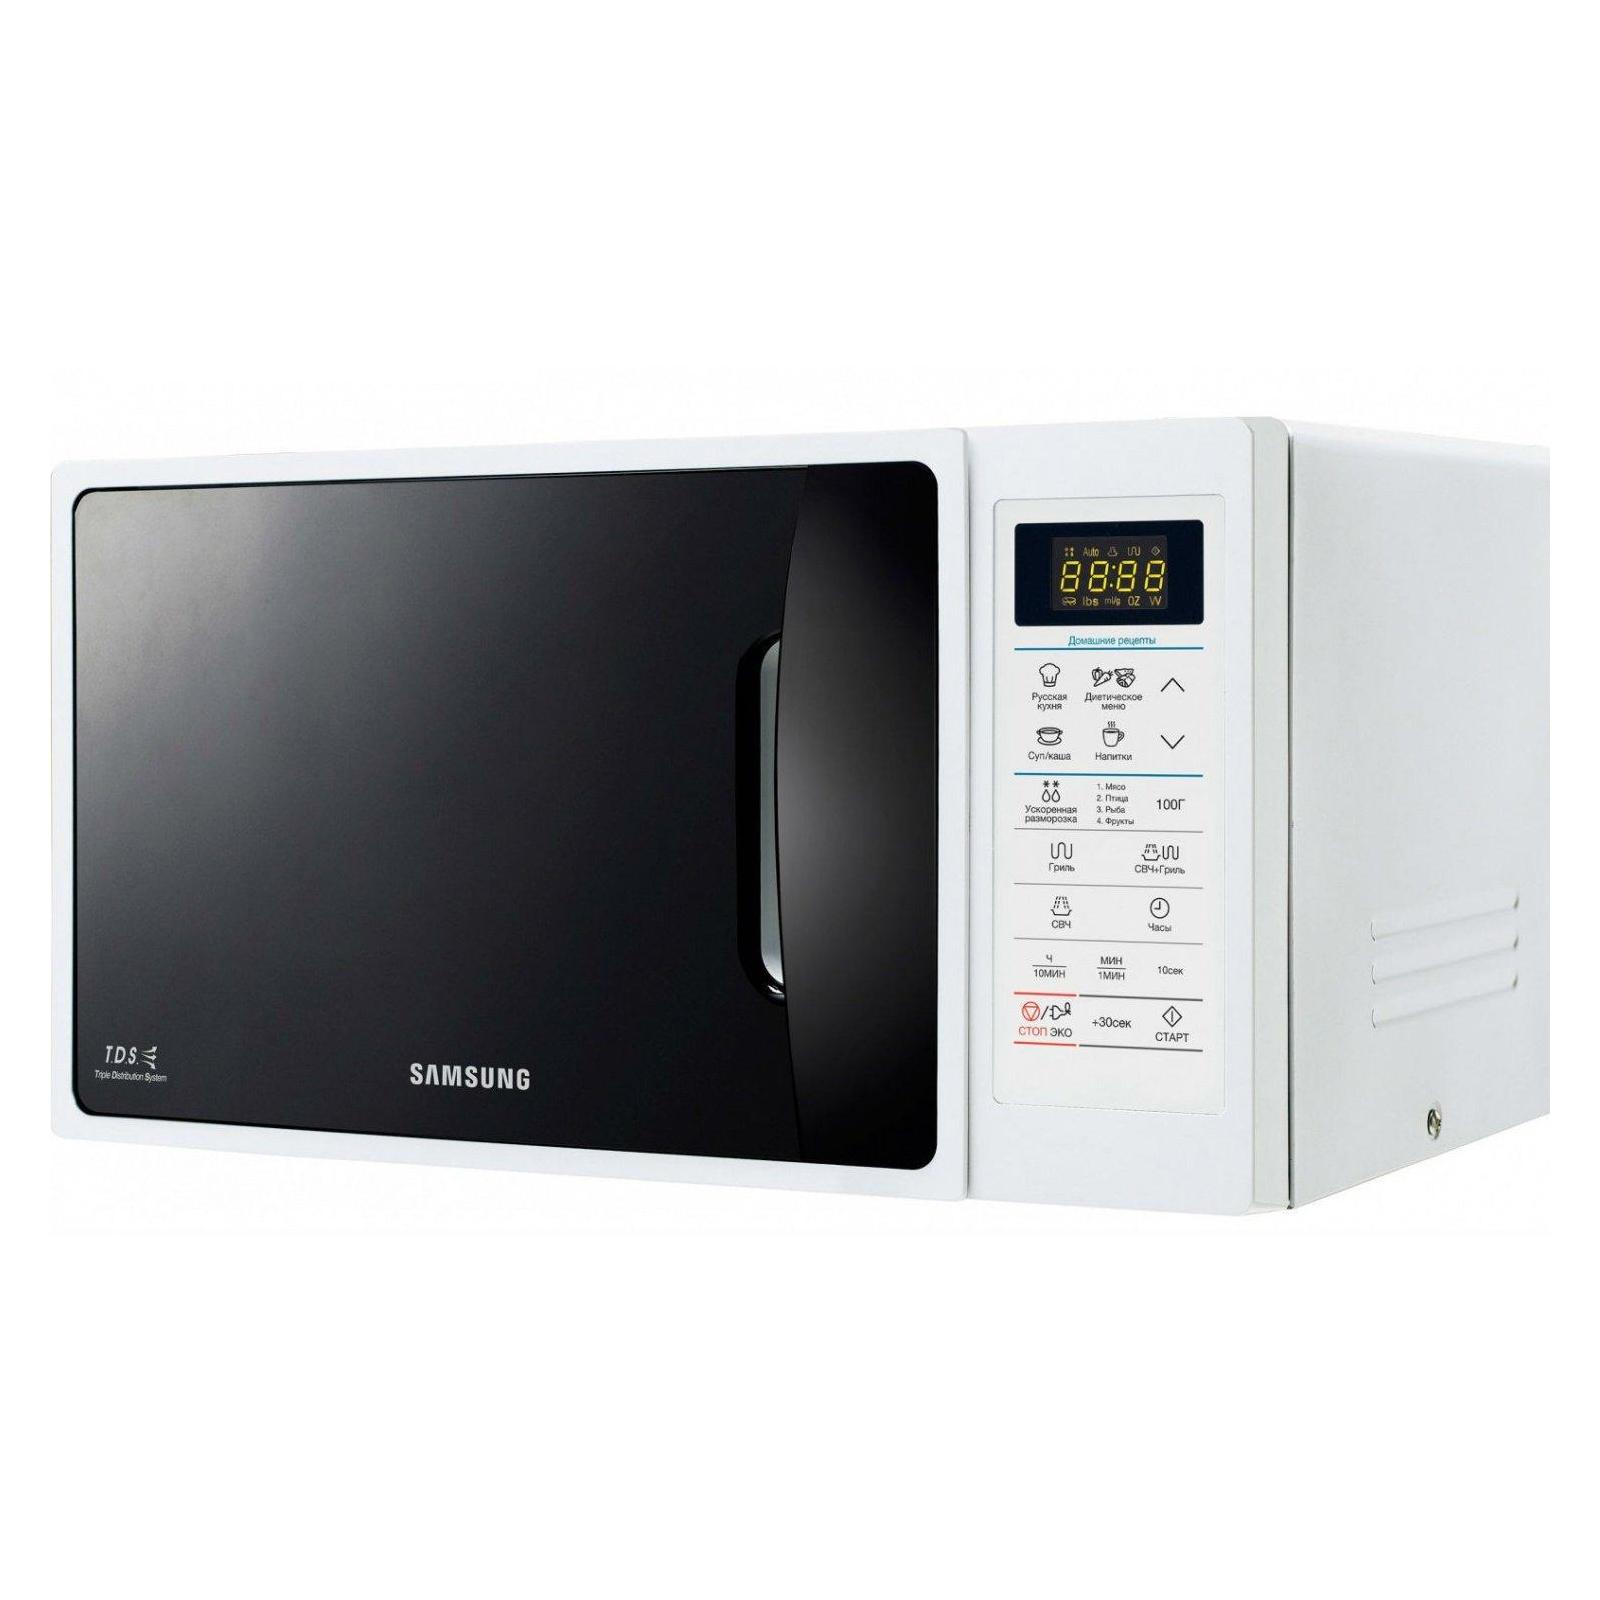 Микроволновая печь Samsung GE83ARW/UA изображение 2